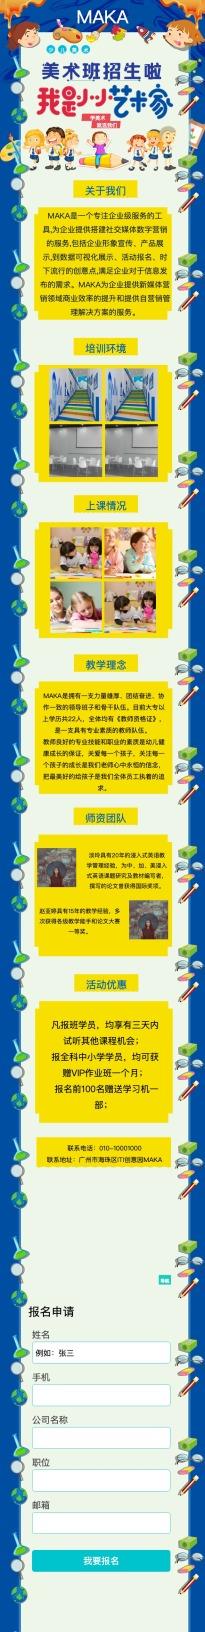 蓝色美术班艺术班招生培训宣传推广单页